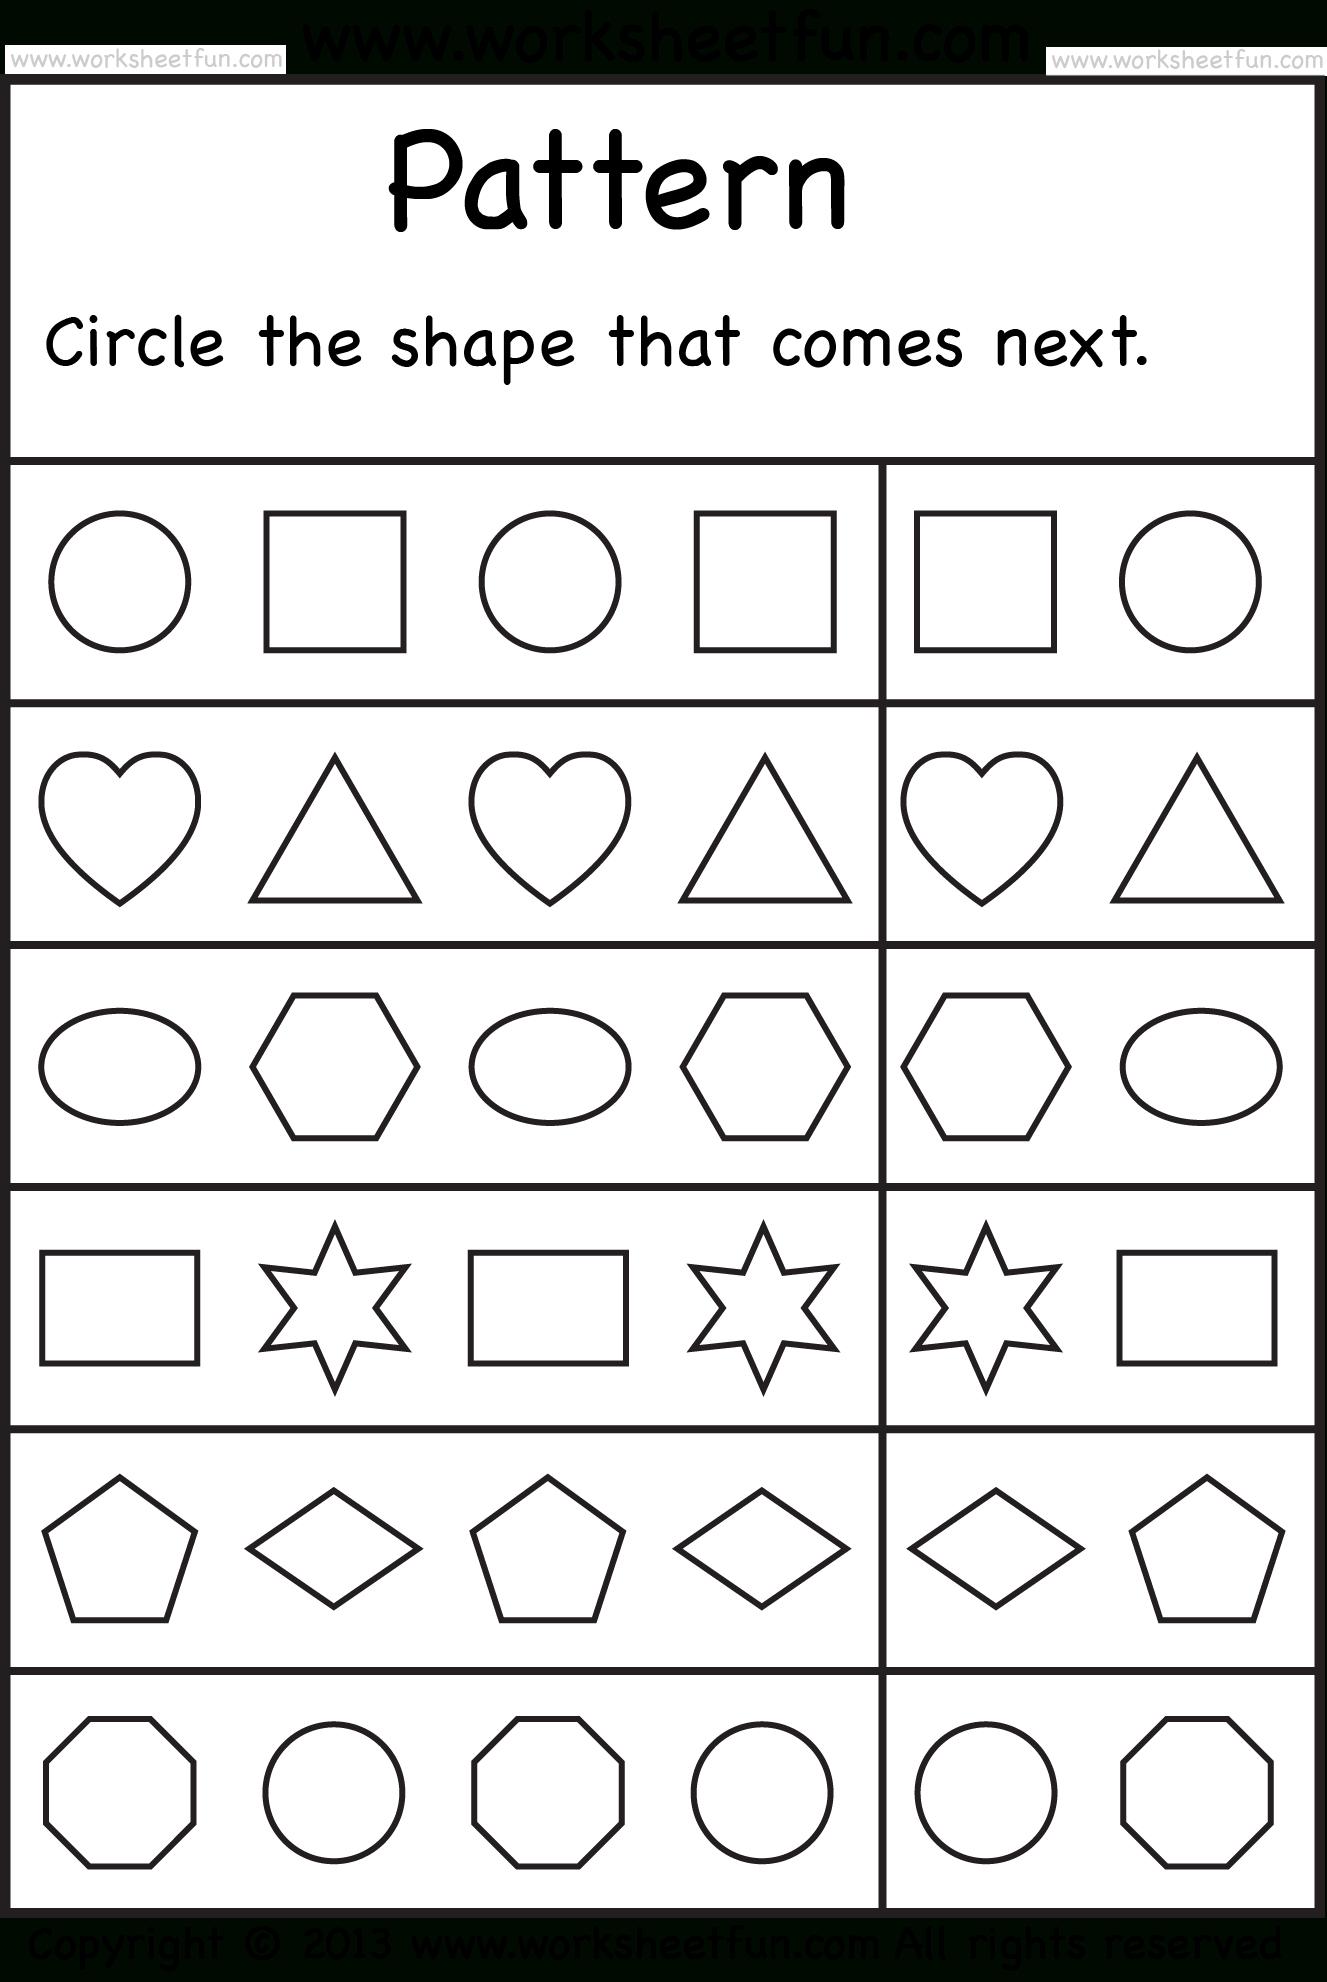 Free Printable Worksheets – Worksheetfun / Free Printable - Free Printable Learning Pages For Toddlers